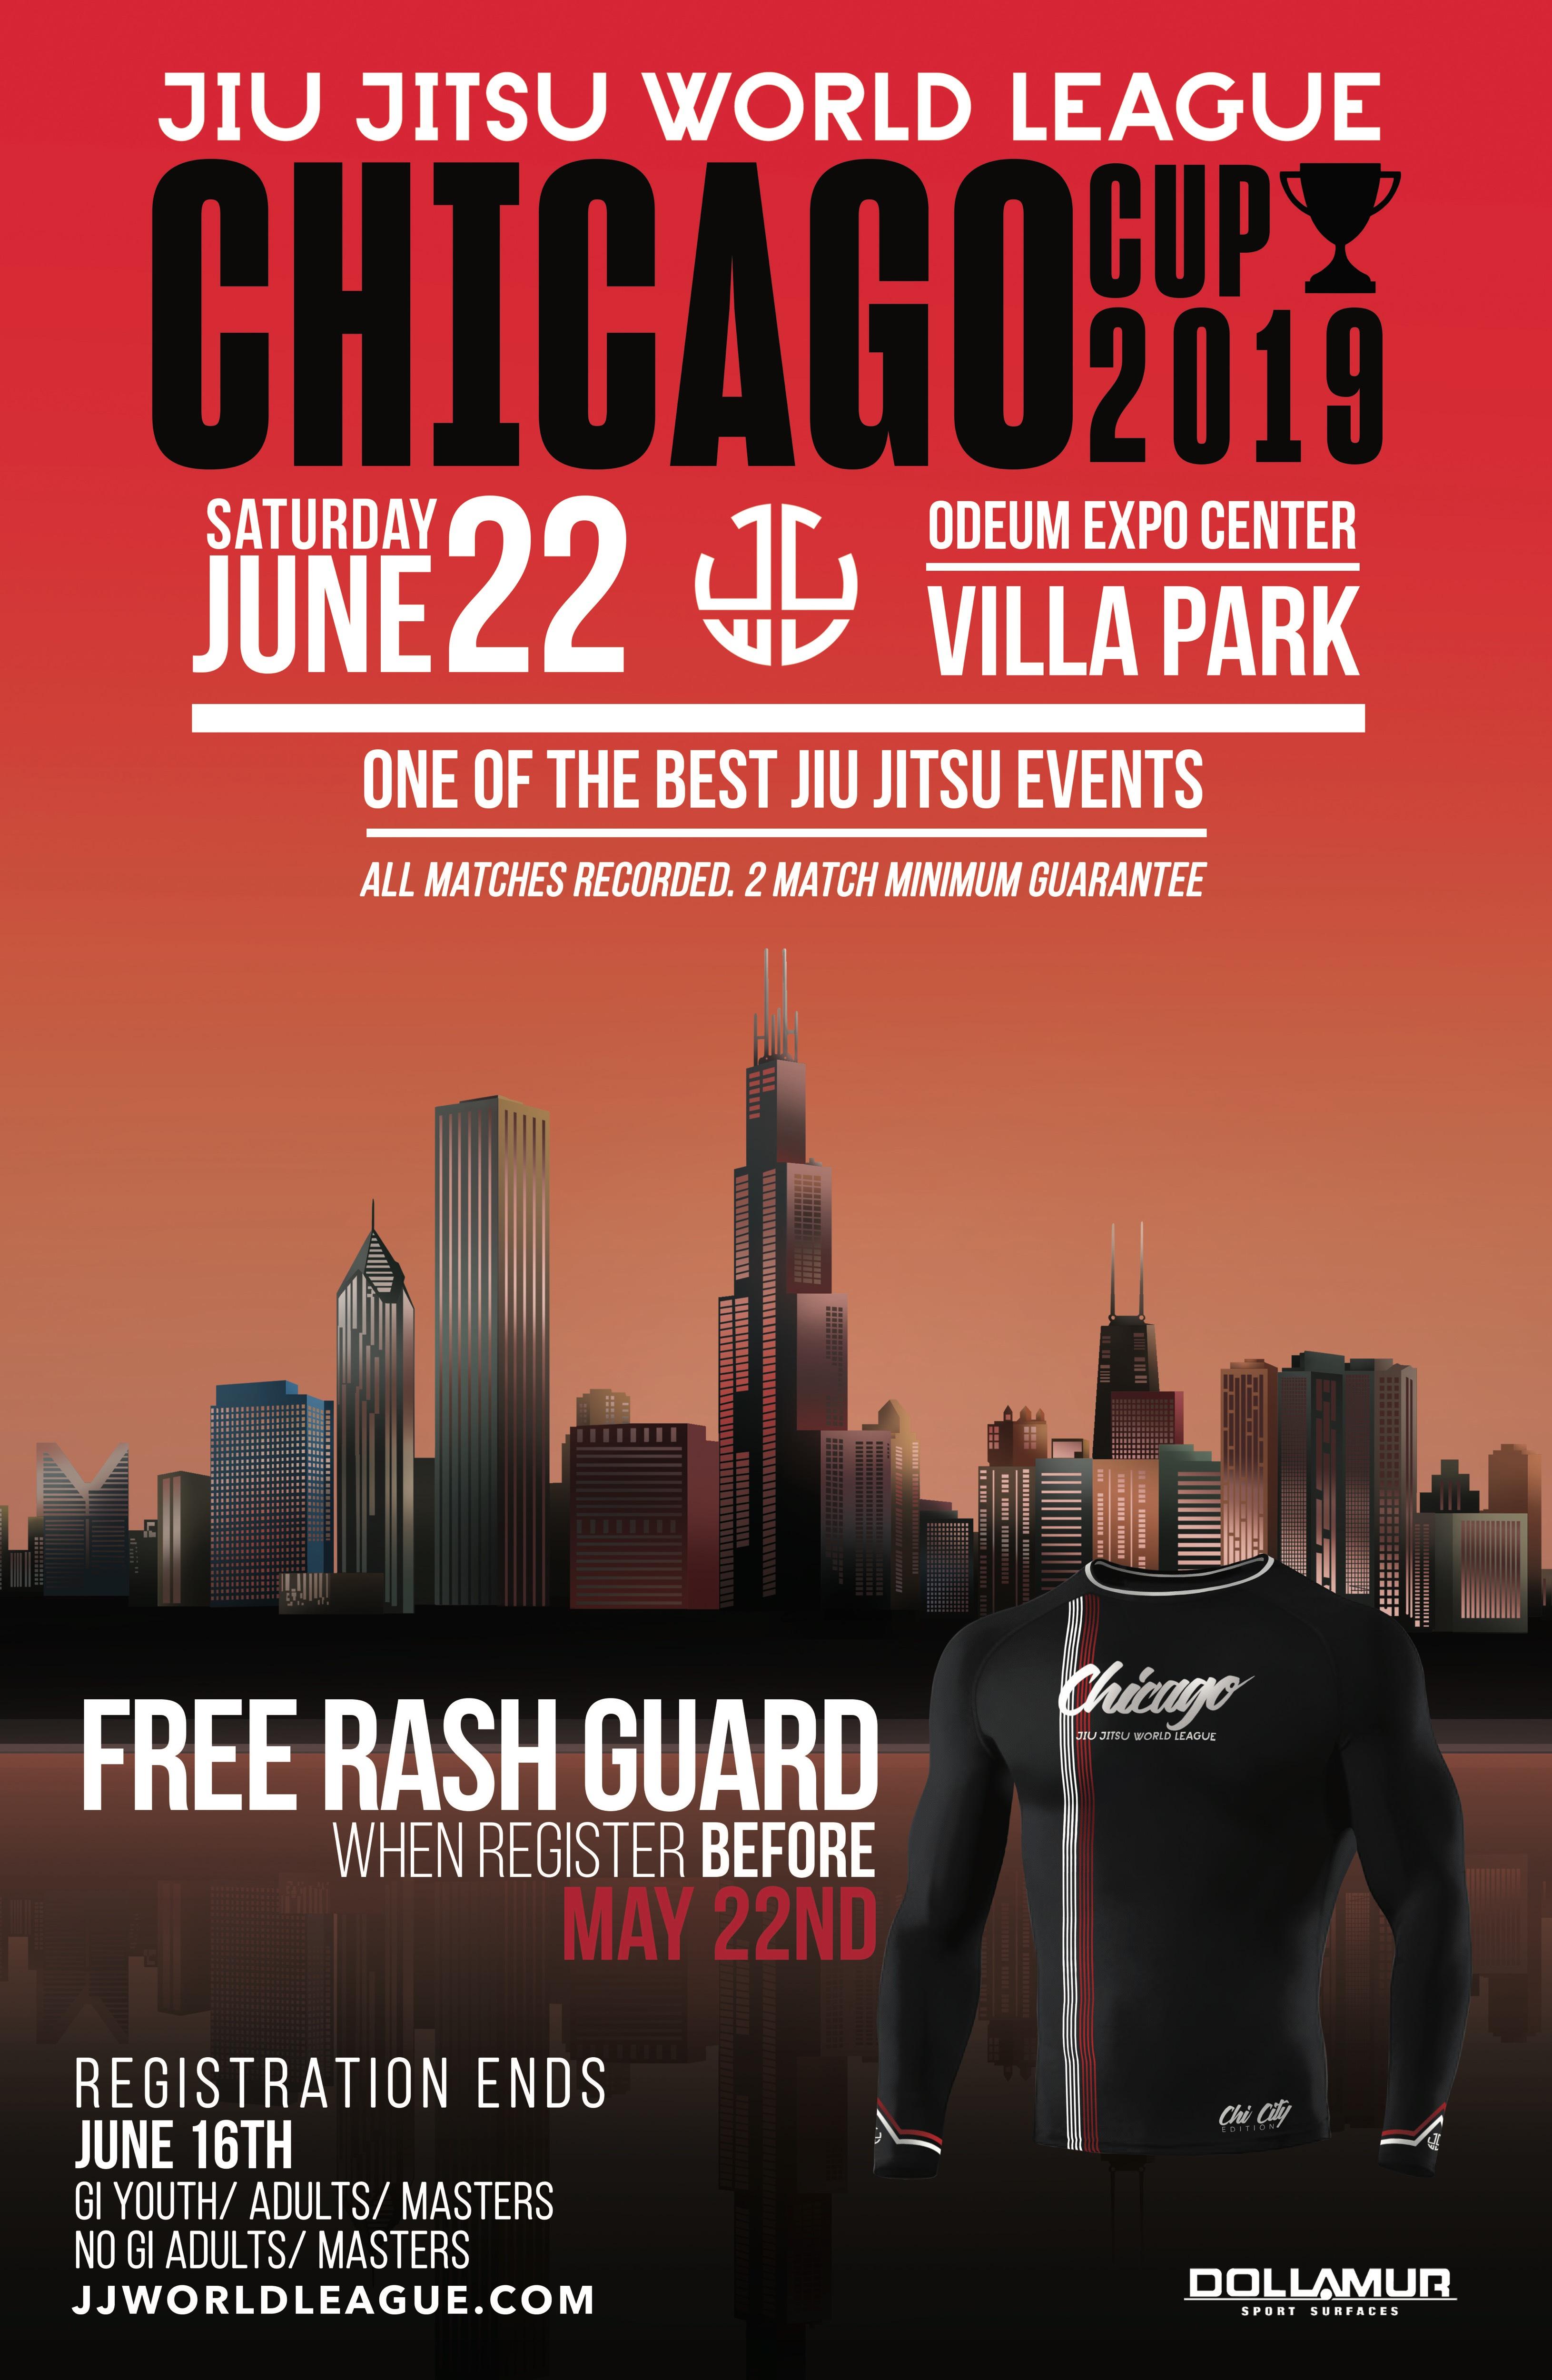 Jiu Jitsu World Poster for League Chicago June 2019